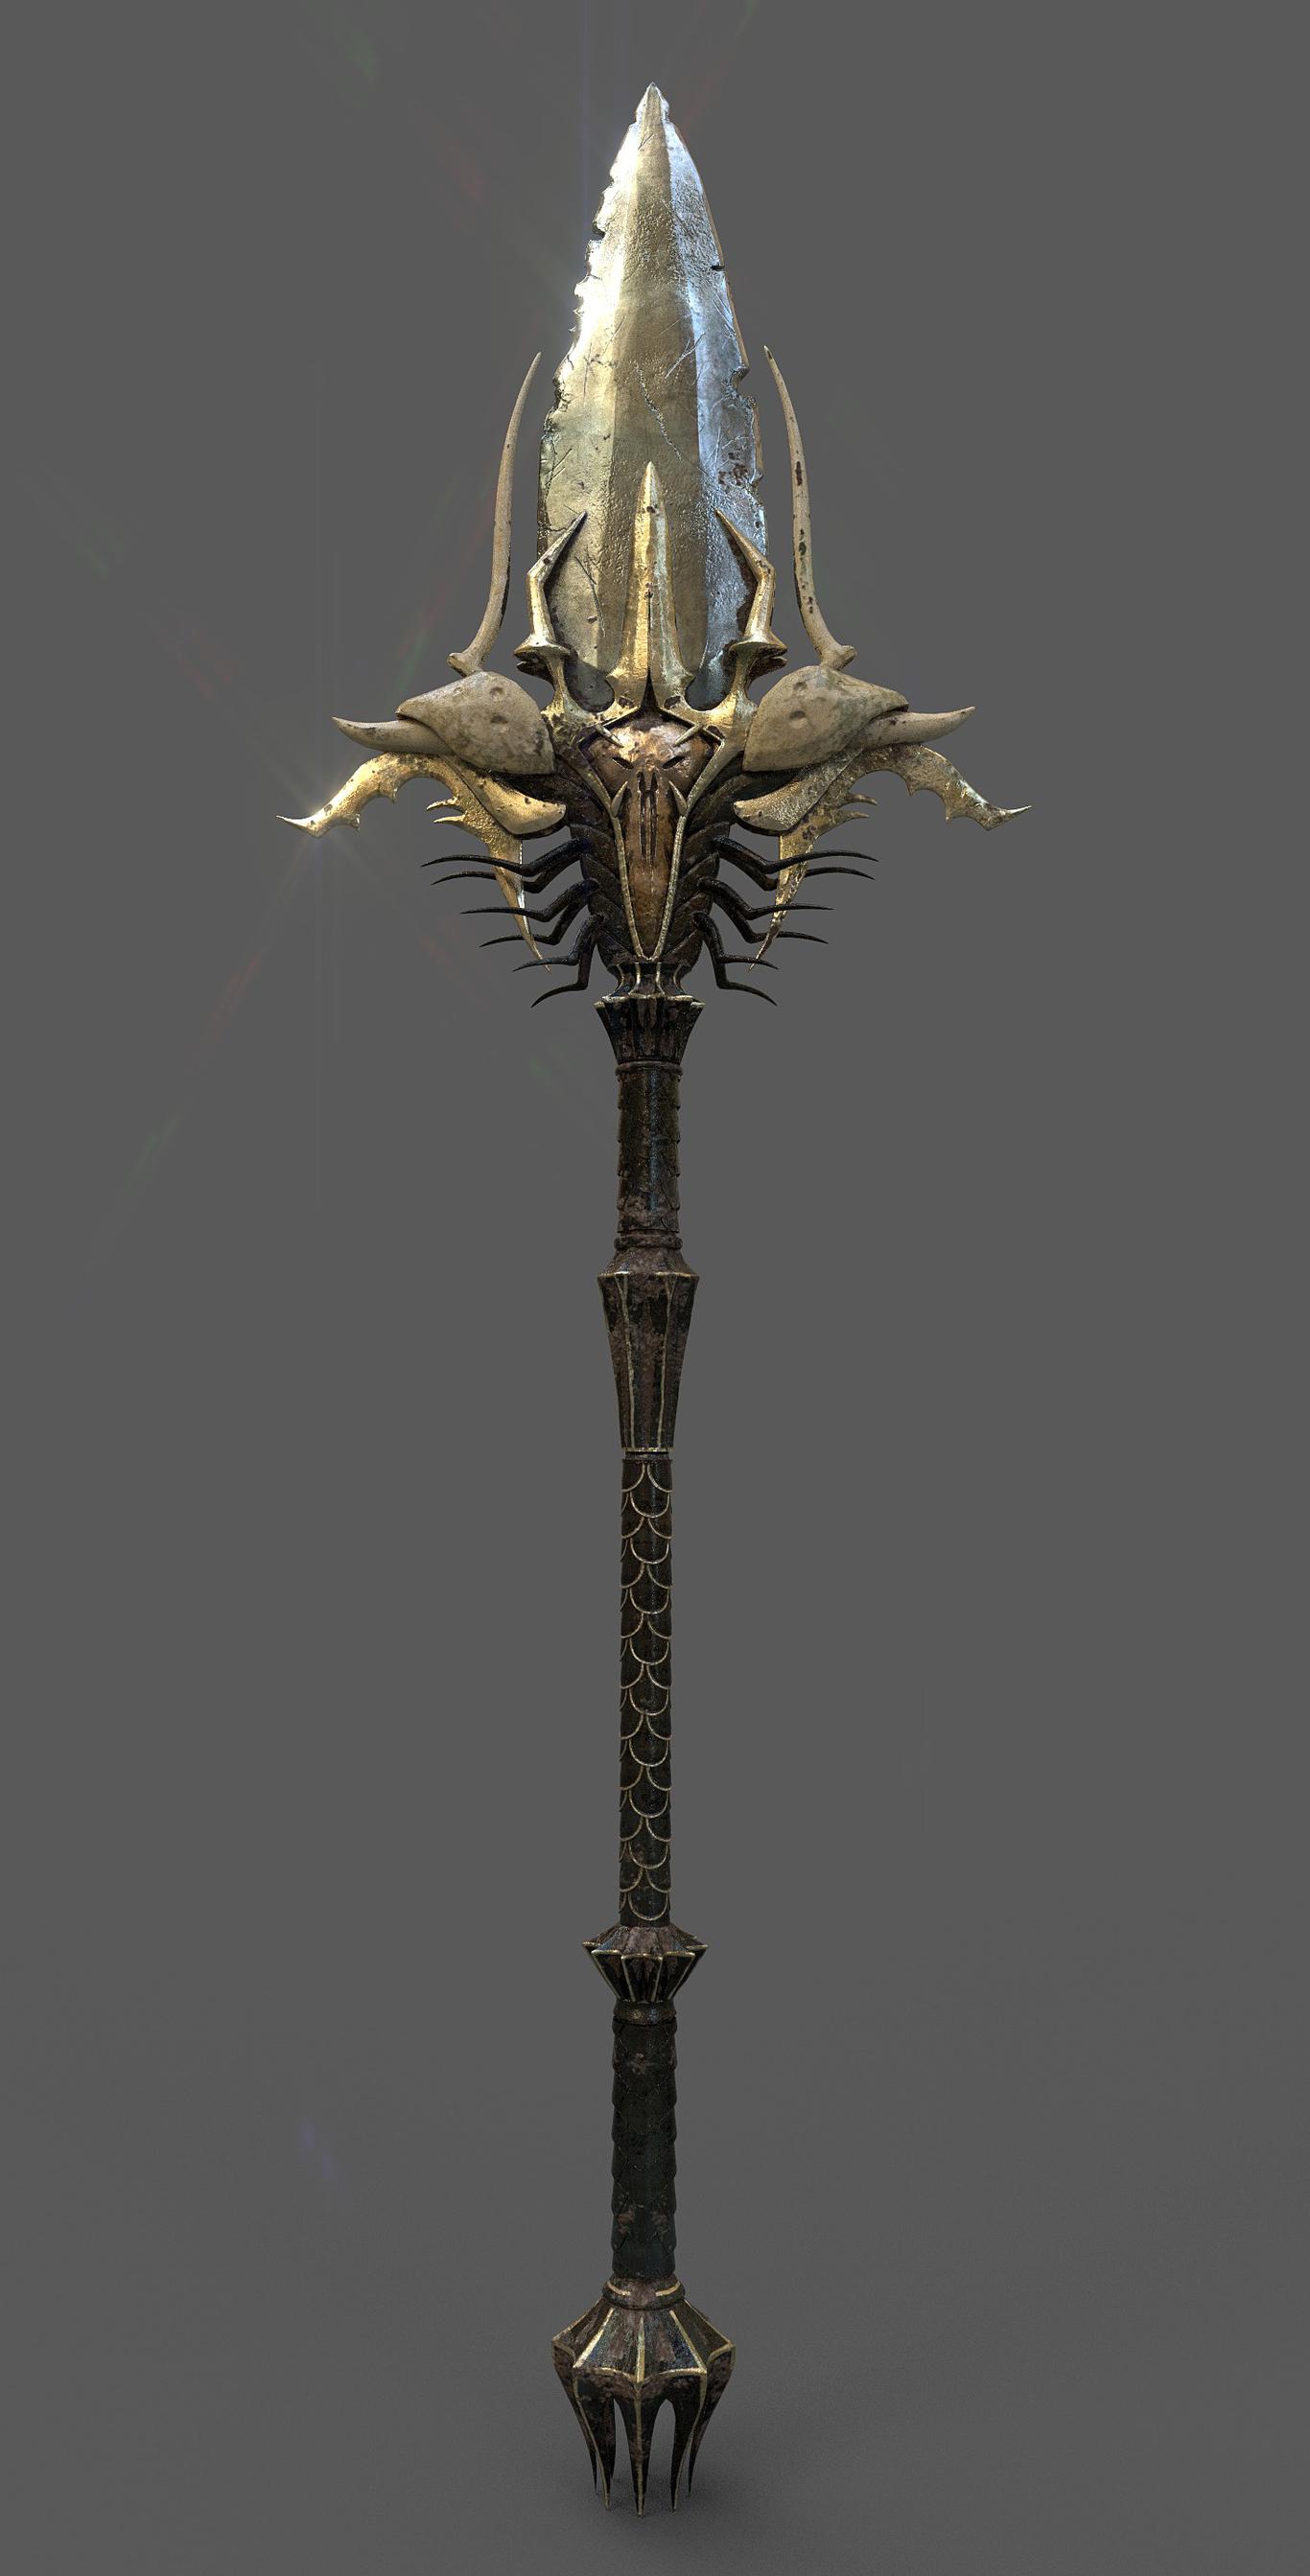 Nakhan1990 monster weapon 1 e9ae6019 0ufd